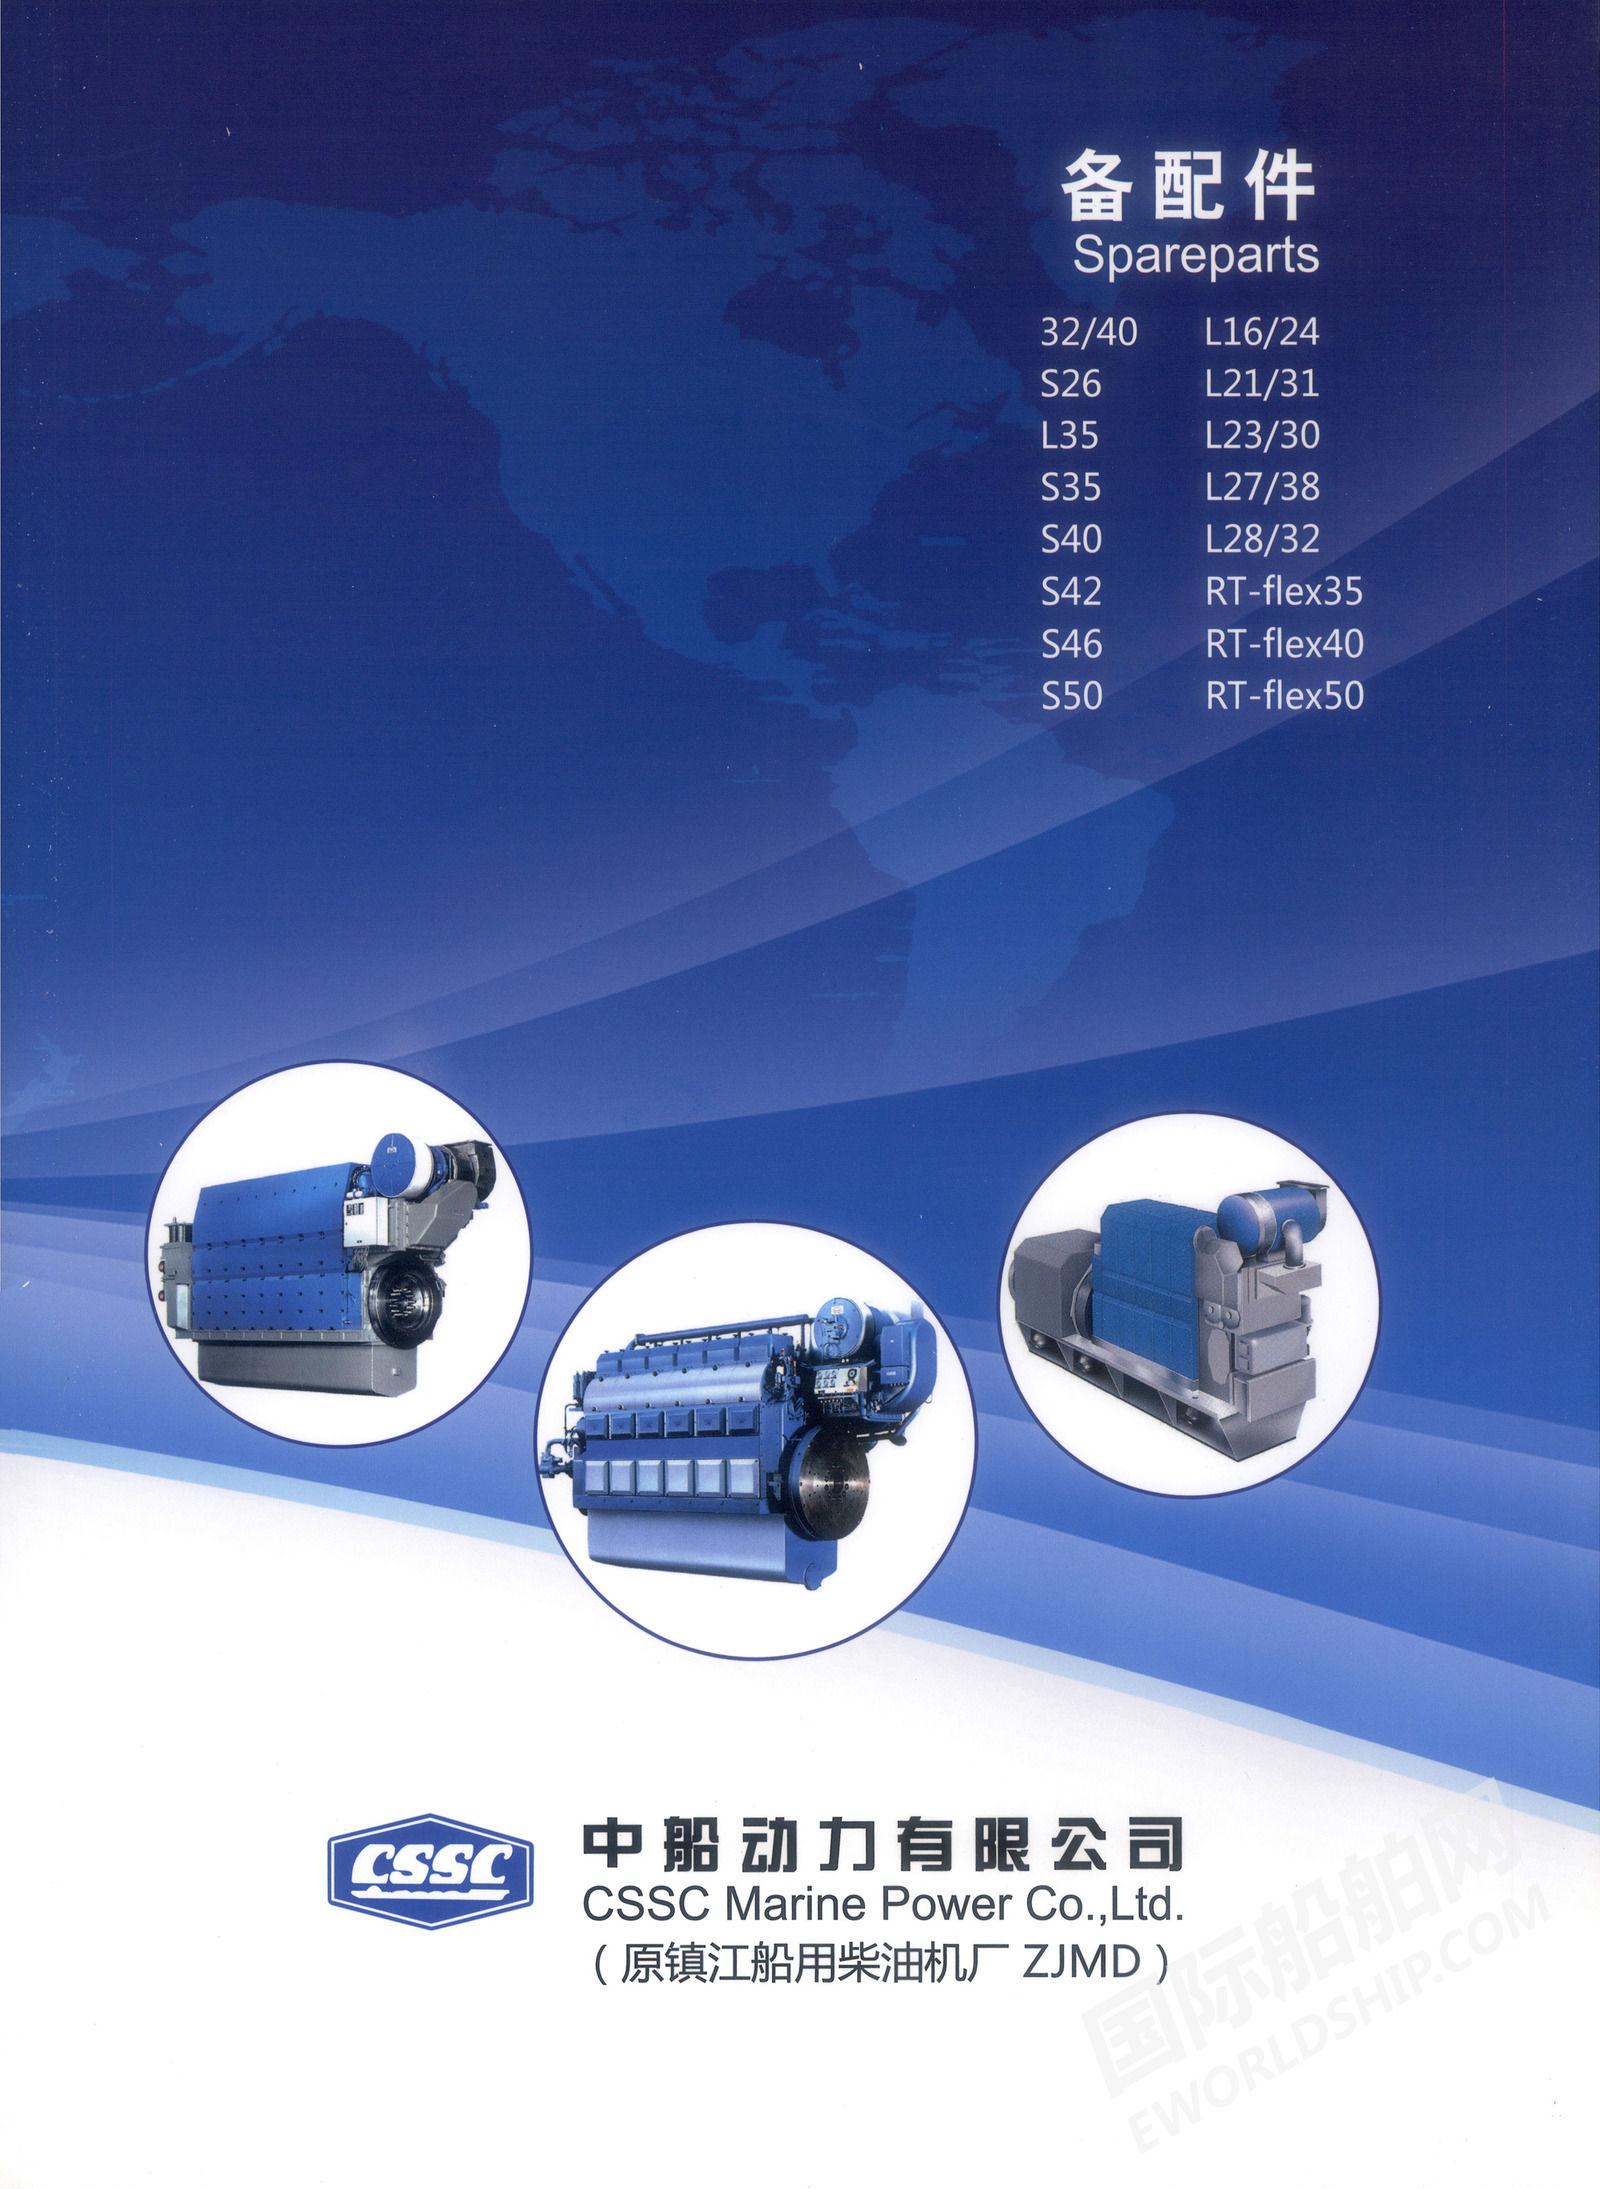 中船动力有限公司 柴油机 发动机 企业样本